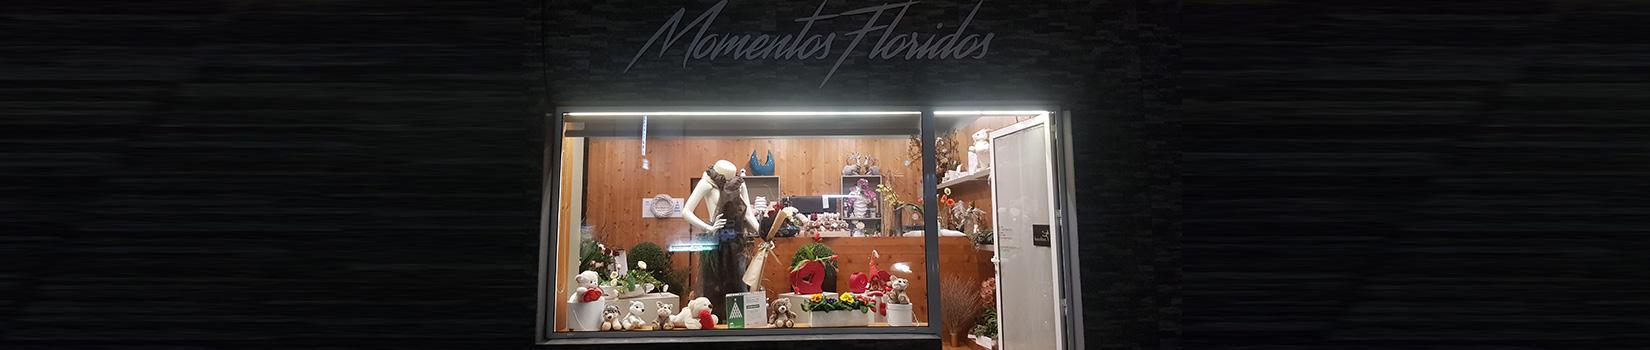 Momentos Floridos